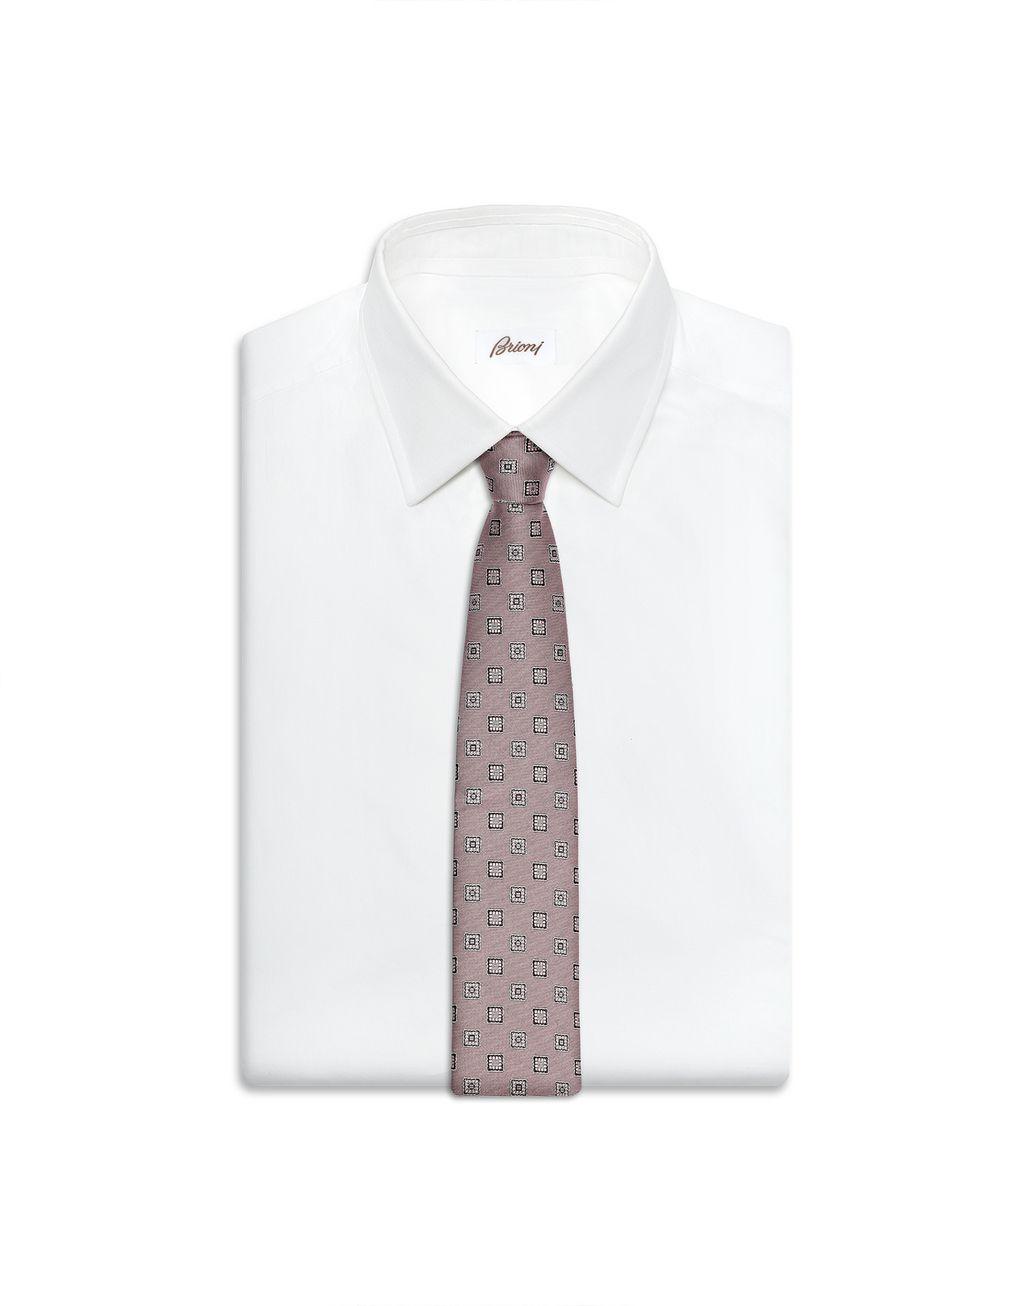 BRIONI Розовый галстук с крупным узором Галстук Для Мужчин e